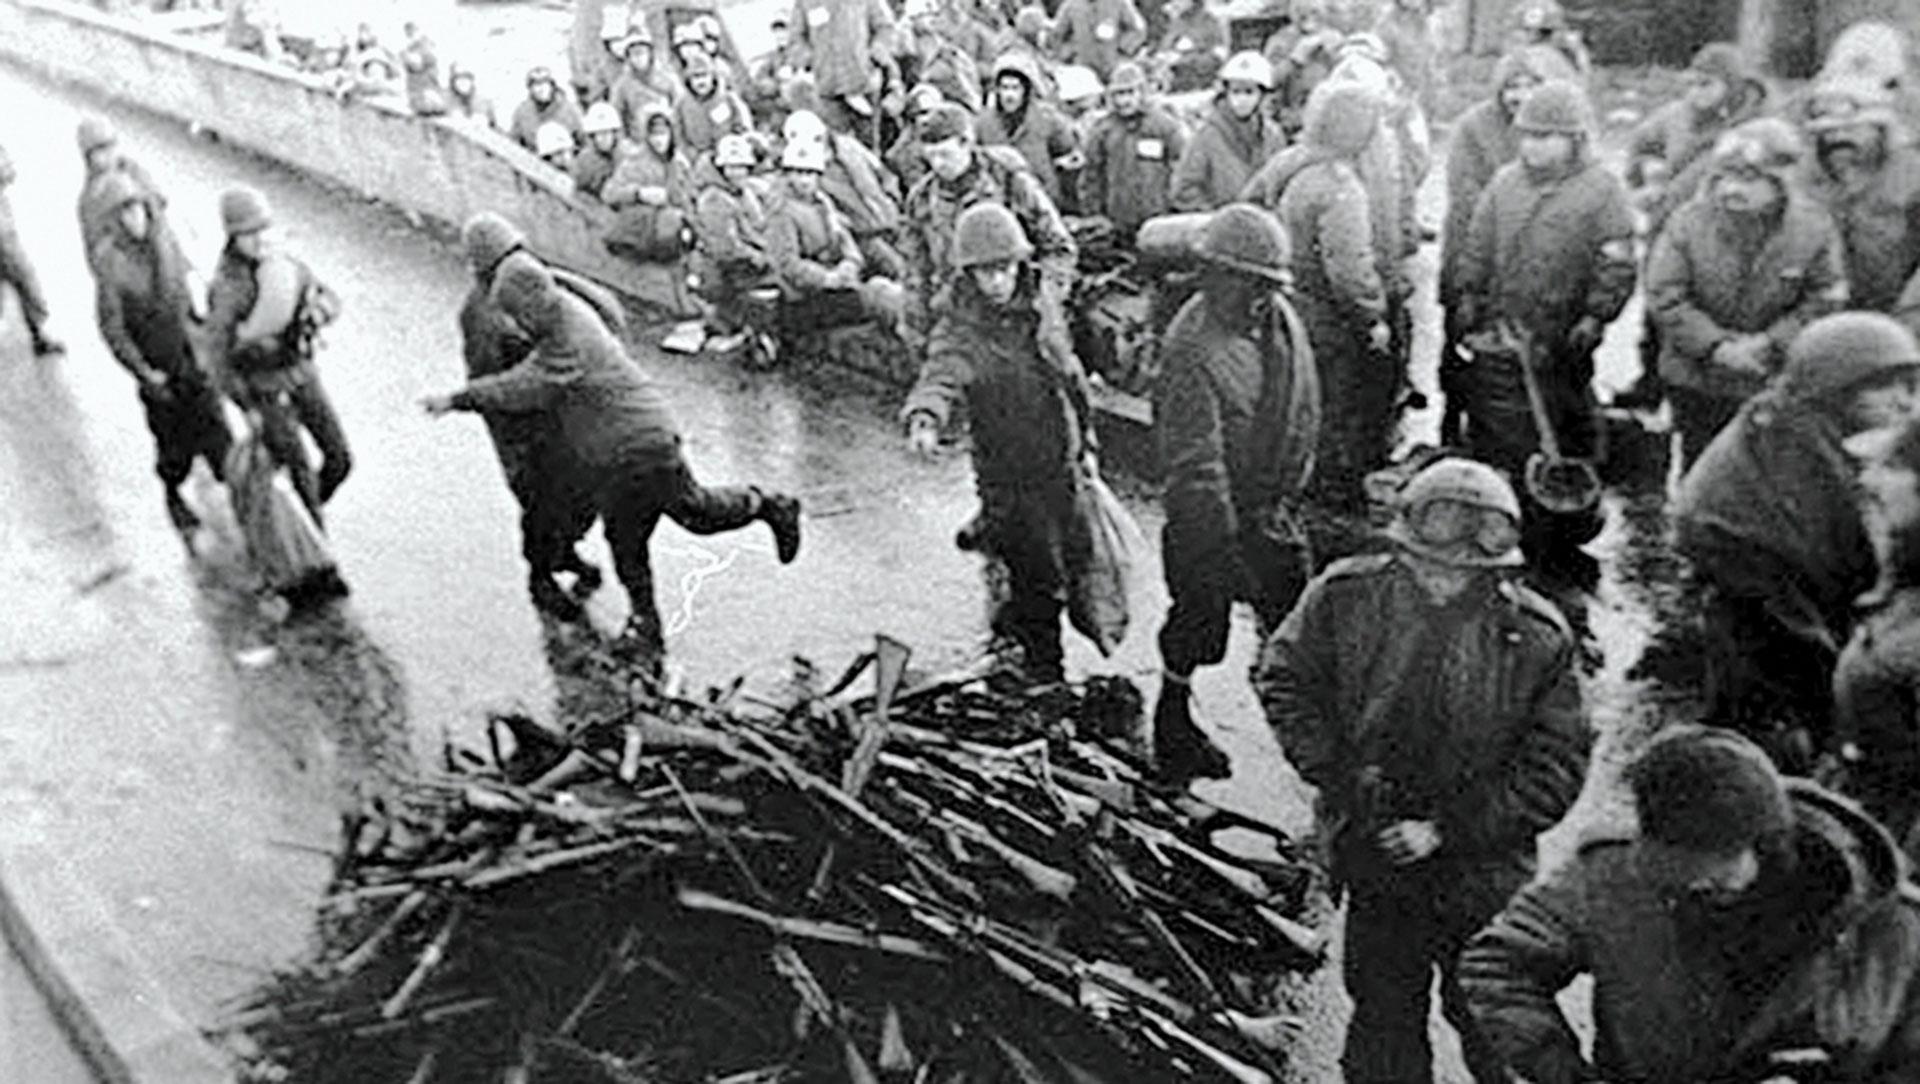 A las once y cuarto de la noche del 14 de junio, Margaret Thatcher le anunció a la Cámara de los Comunes la rendición de las tropas argentinas